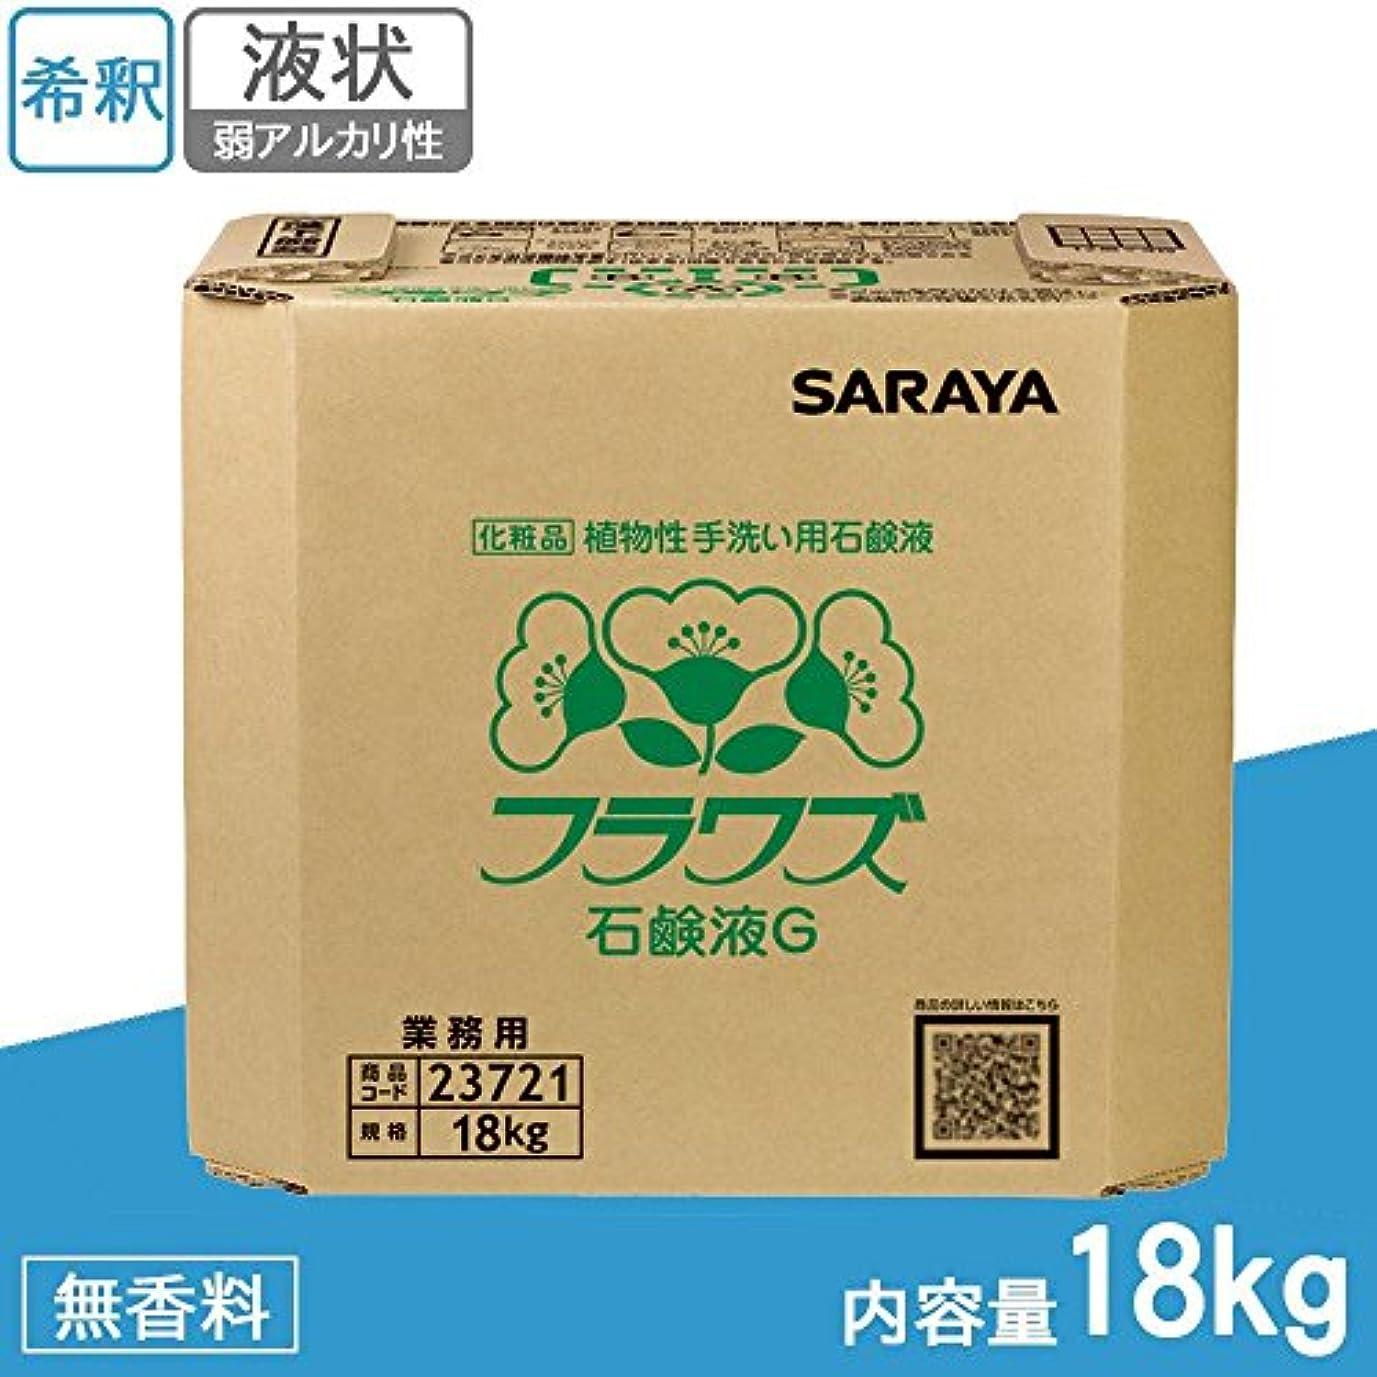 変化土地喜びサラヤ 業務用 植物性手洗い用石鹸液 フラワズ石鹸液G 18kg BIB 23721